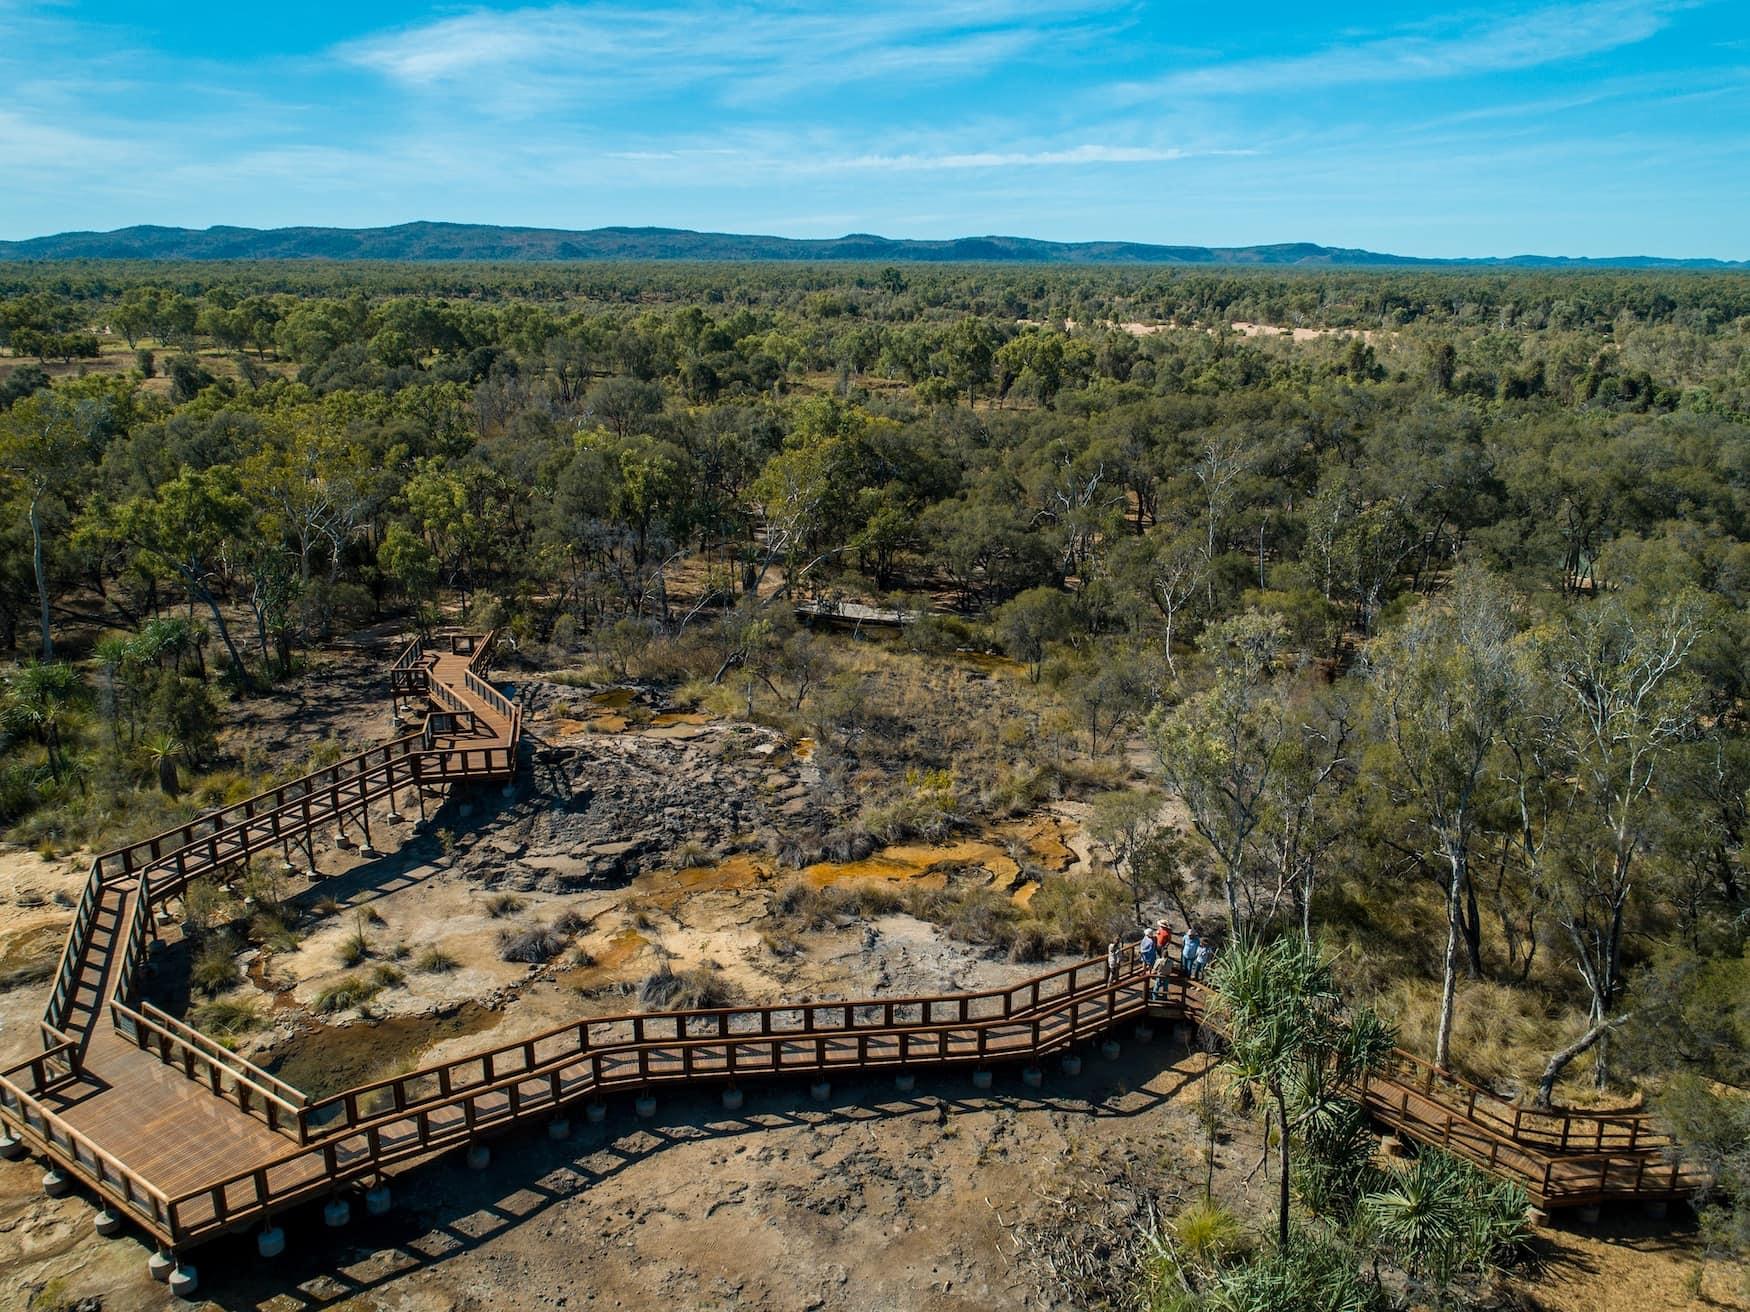 Talaroo Hot Springs im australischen Queensland